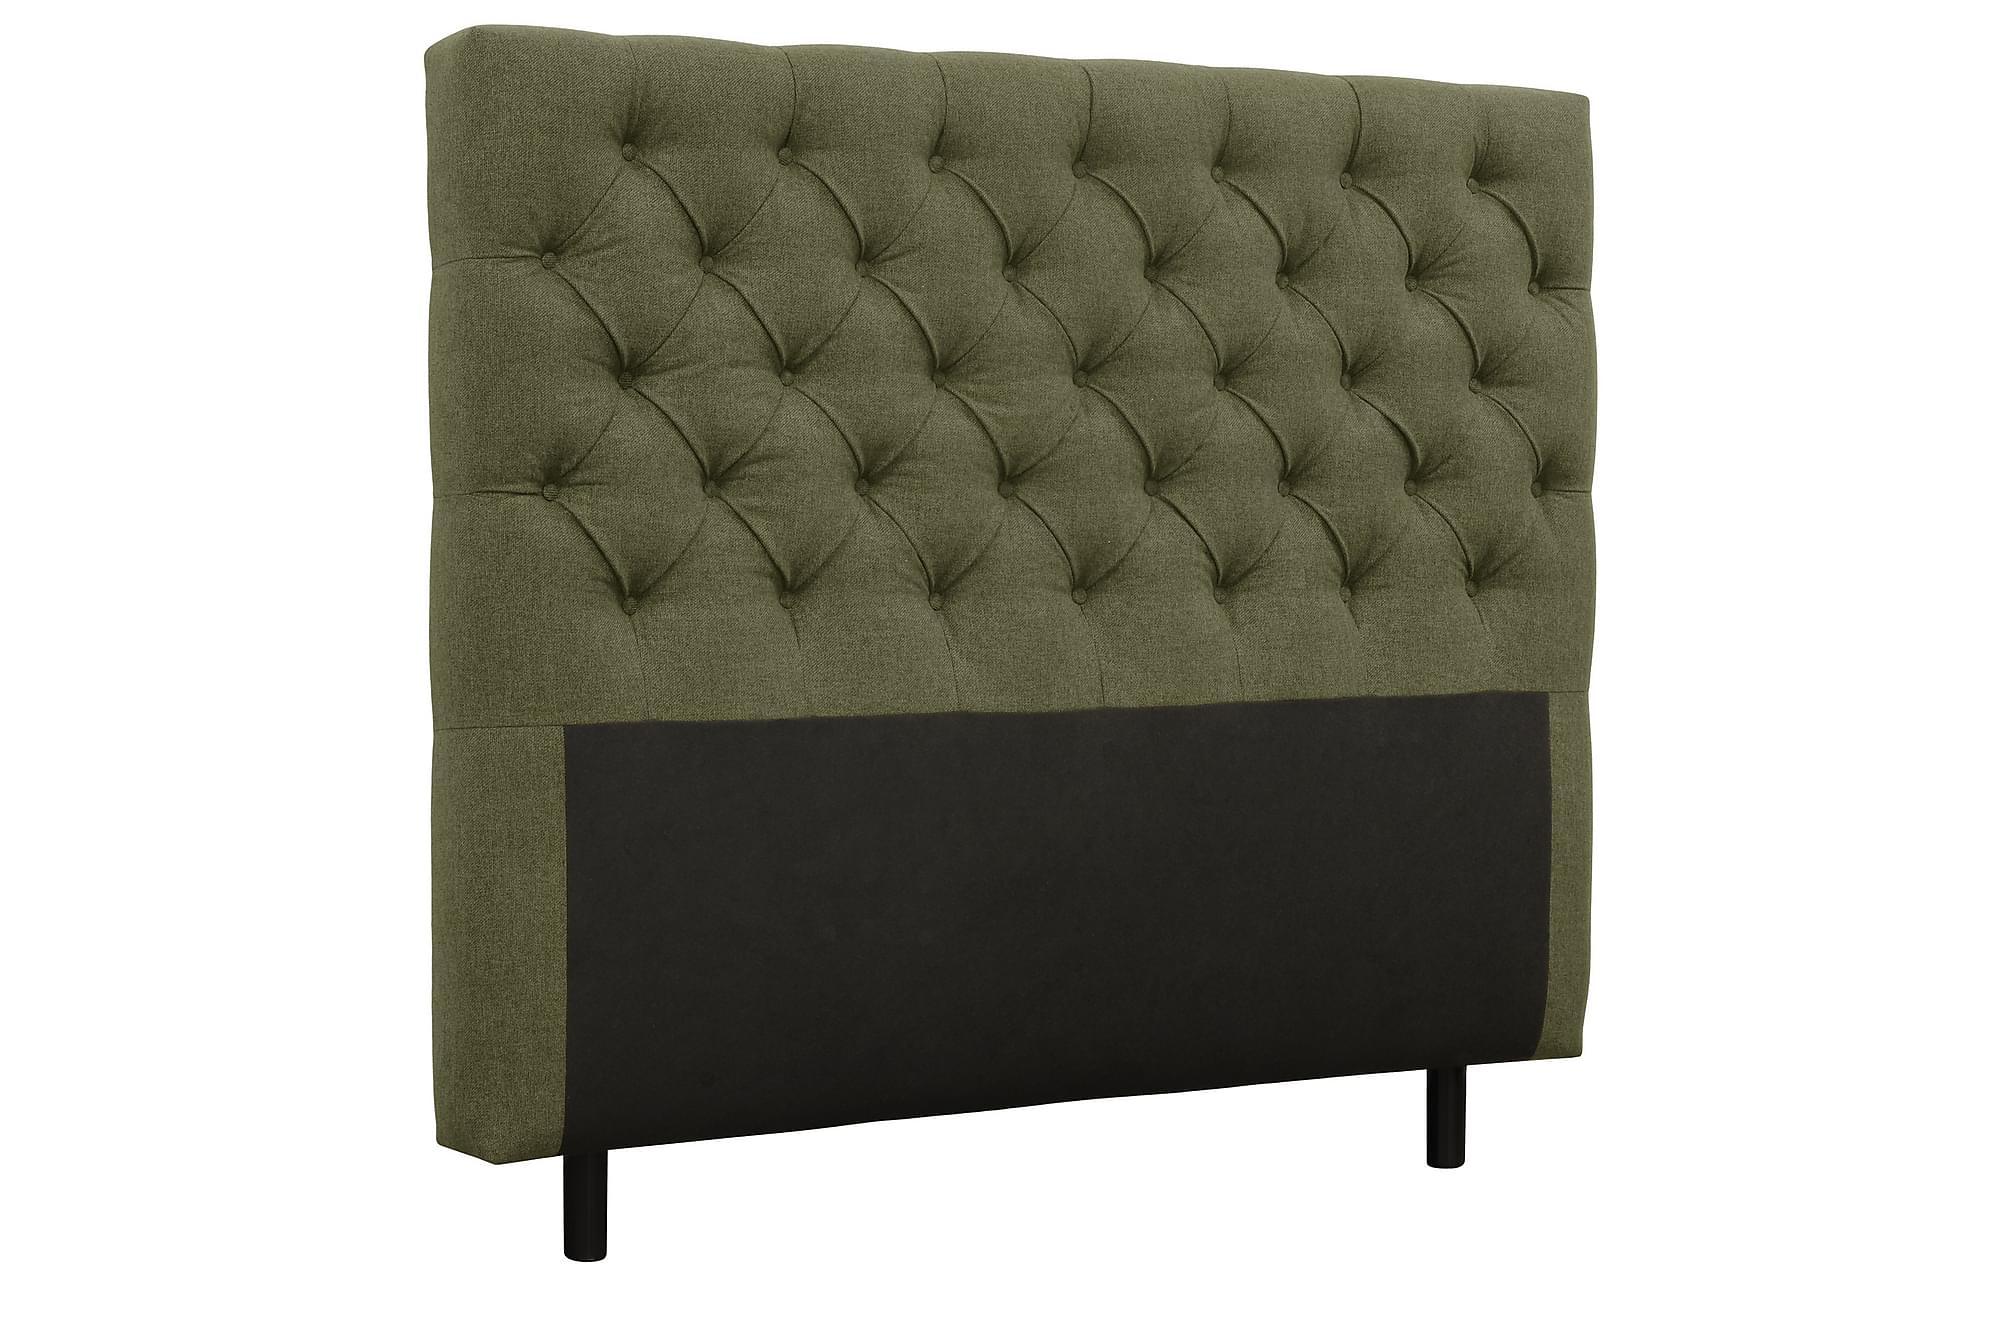 AUGUSTA Sänggavel 160 cm Mörkgrön, Sänggavlar